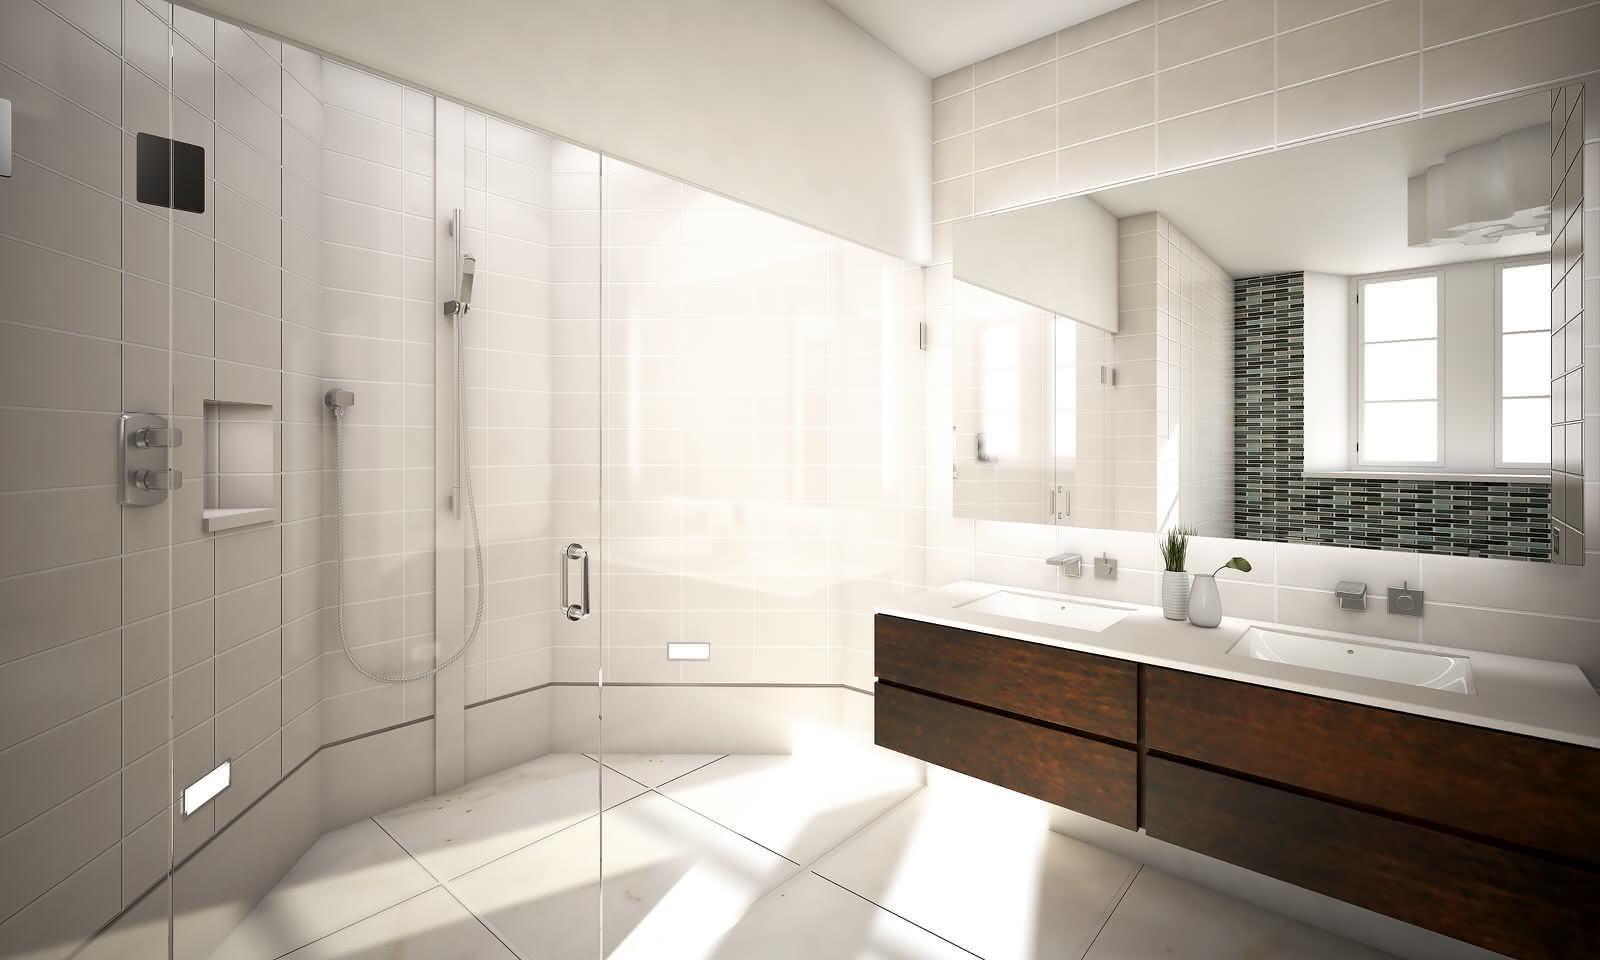 50 Bancadas de Banheiros e Lavabos para te Inspirar #34261C 1600x960 Bancadas Banheiros Modernos